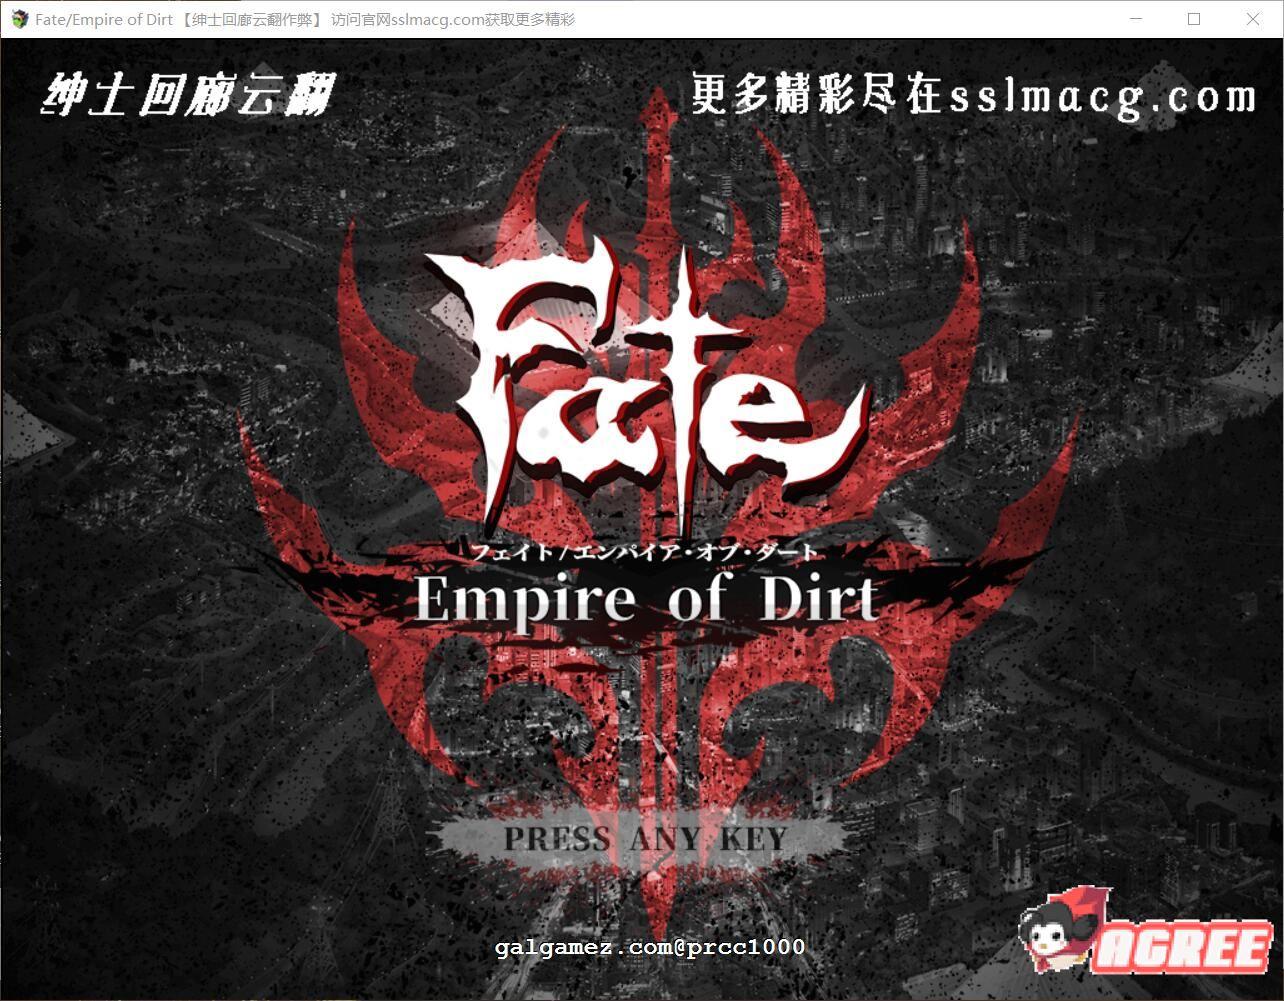 【超级大作RPG/汉化】[完结] Fate:尘埃帝国!完结作弊汉化版【新汉化/全CV】【4G】